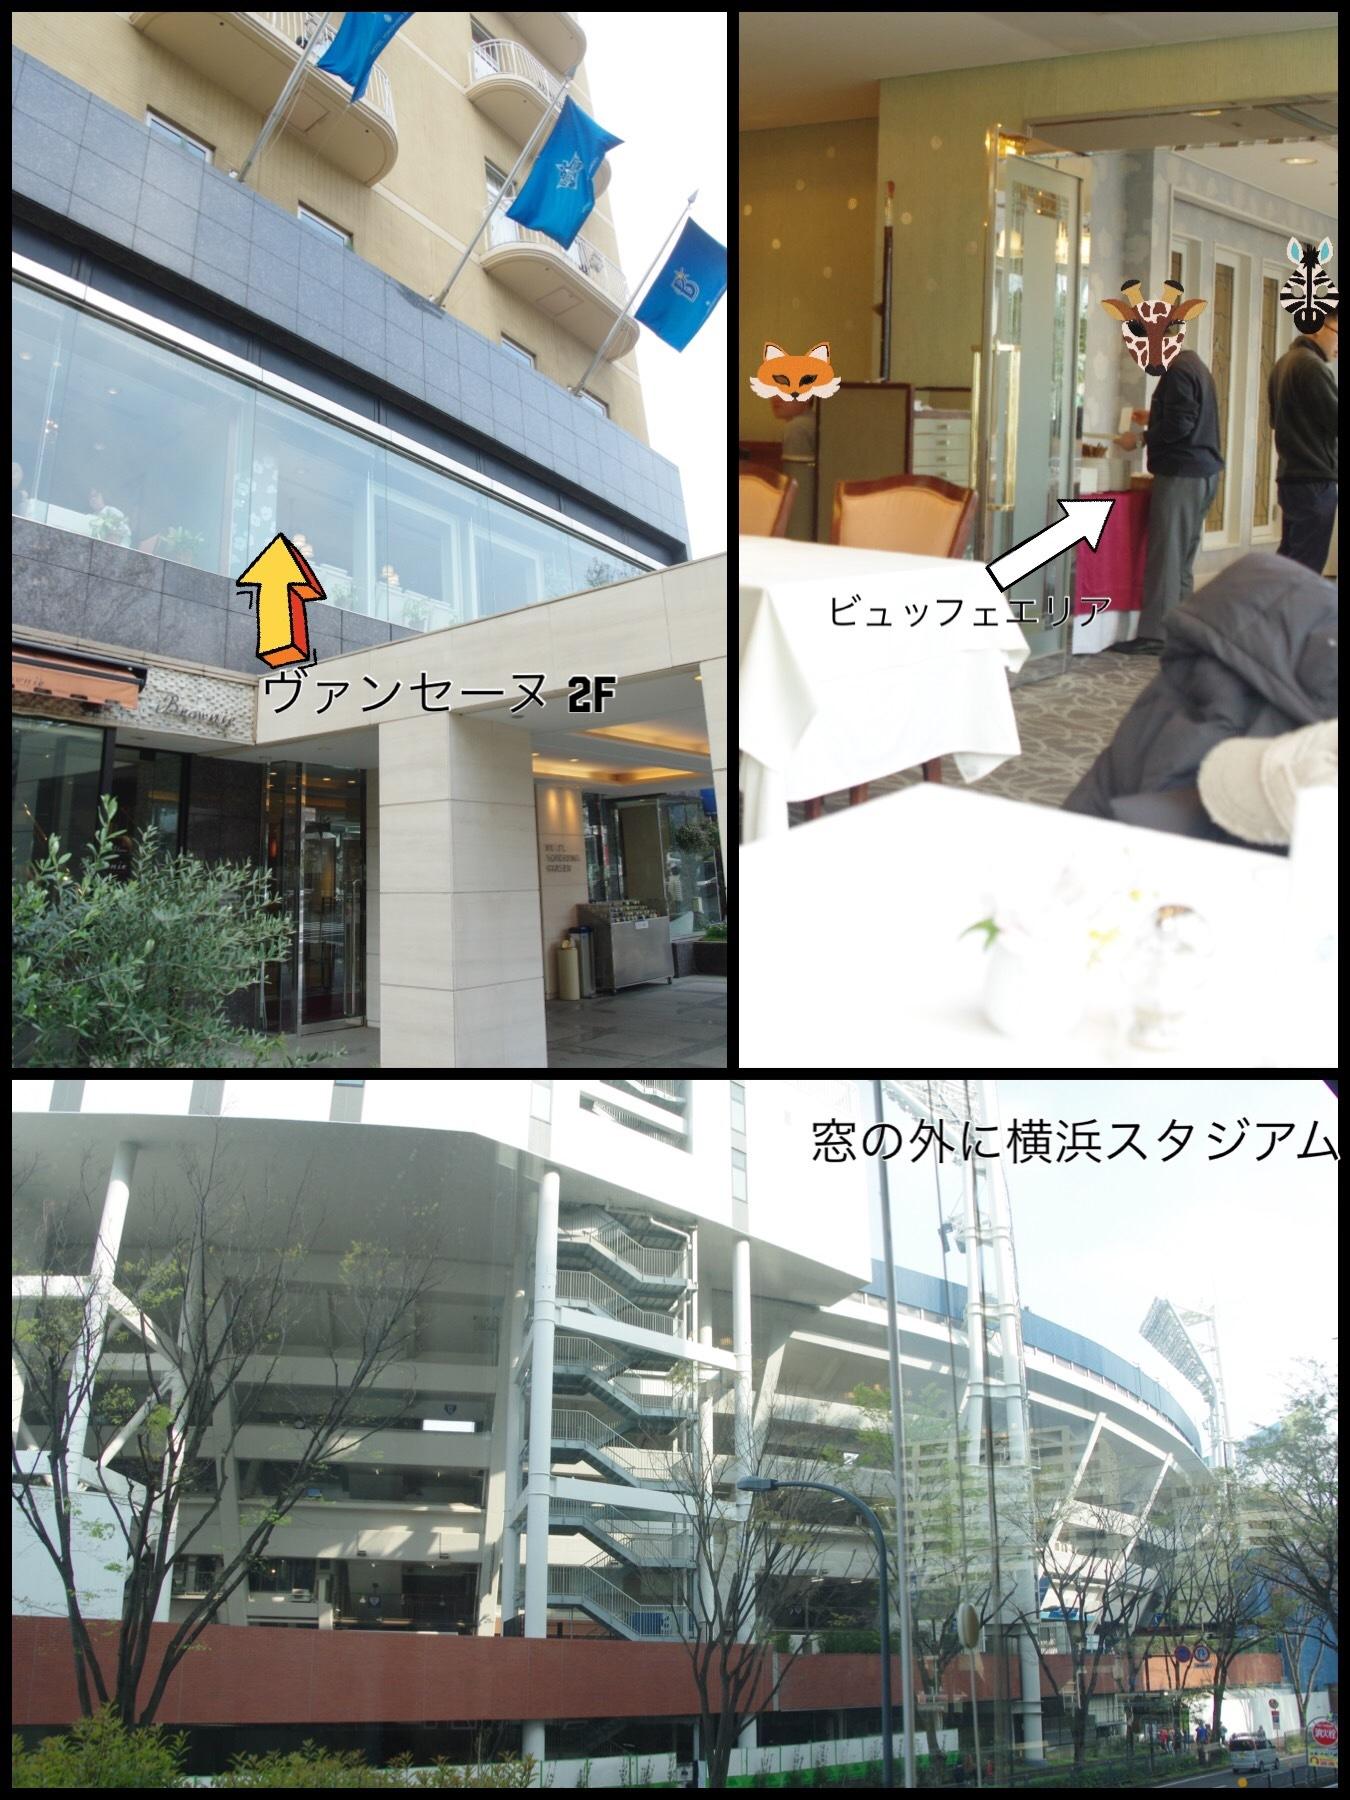 ホテル横浜ガーデン 朝食 ヴァンセーヌ